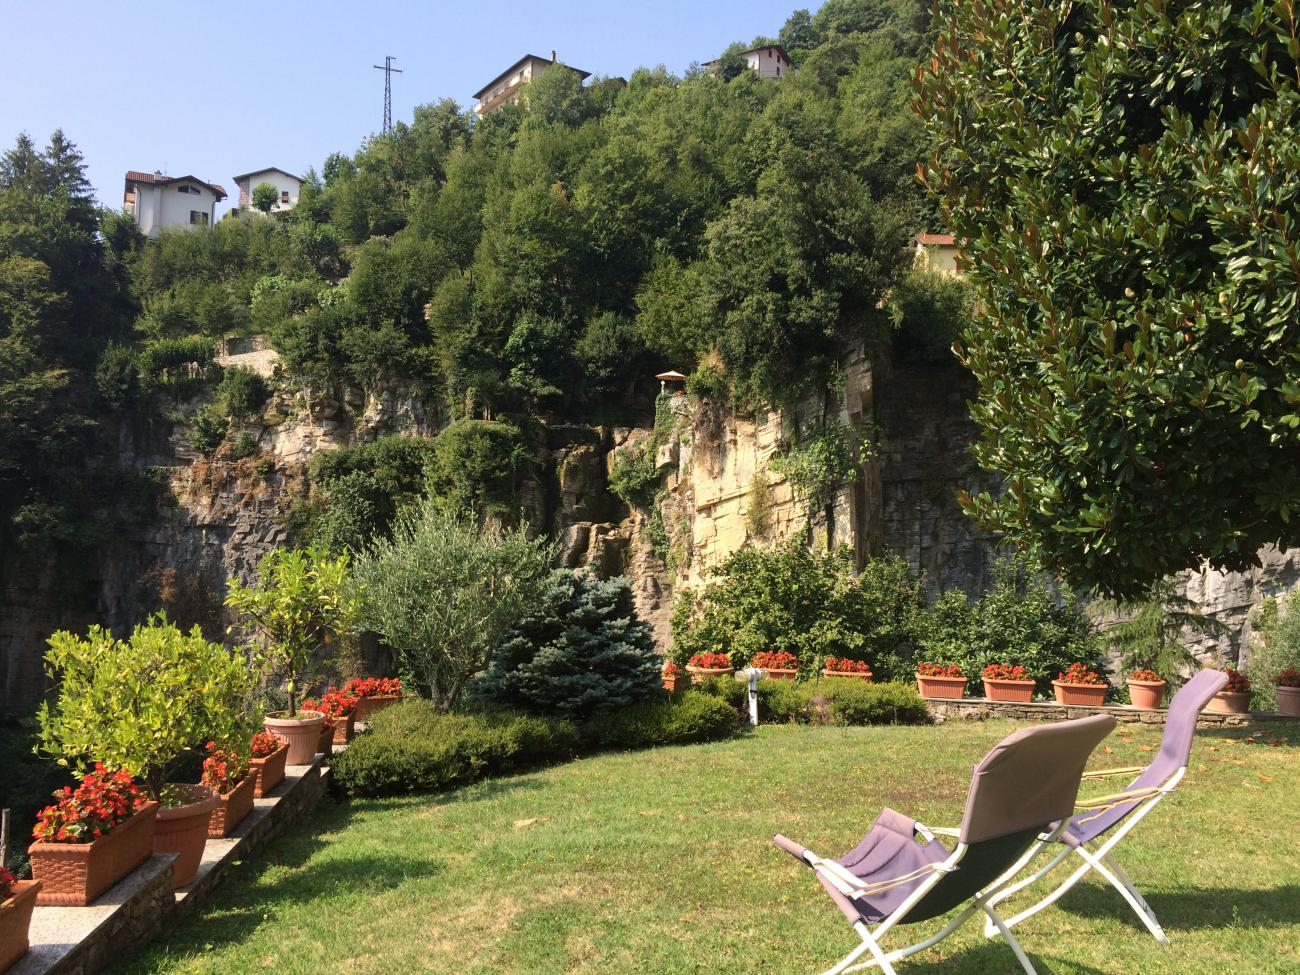 giardino godibile e pianeggiante privato a moltrasio